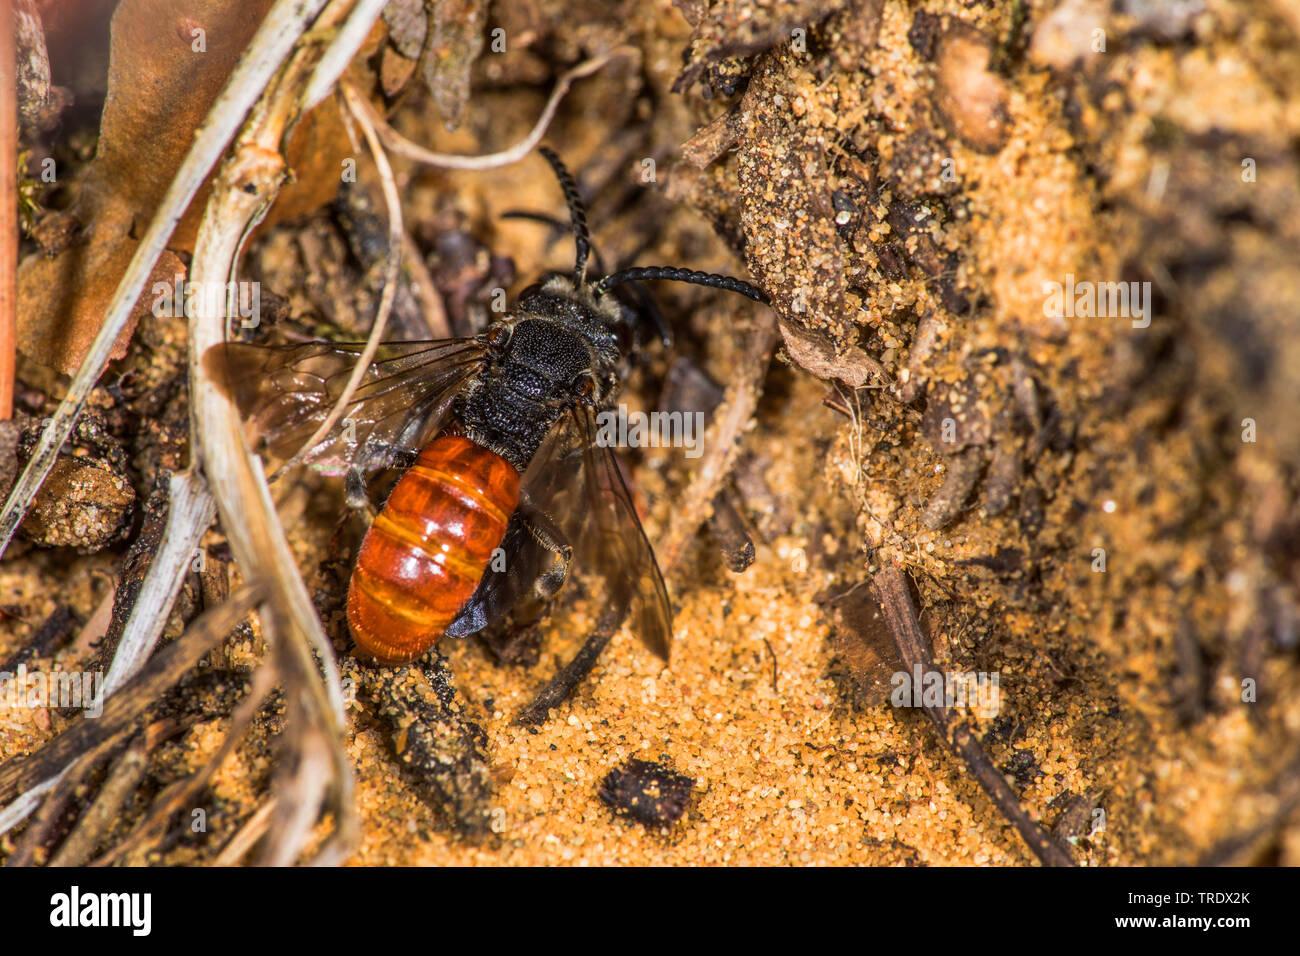 Grosse Blutbiene, Riesen-Blutbiene, Riesenblutbiene, Auen-Buckelbiene, Auenbuckelbiene (Sphecodes albilabris, Sphecodes fuscipennis), sitzt am Boden, - Stock Image